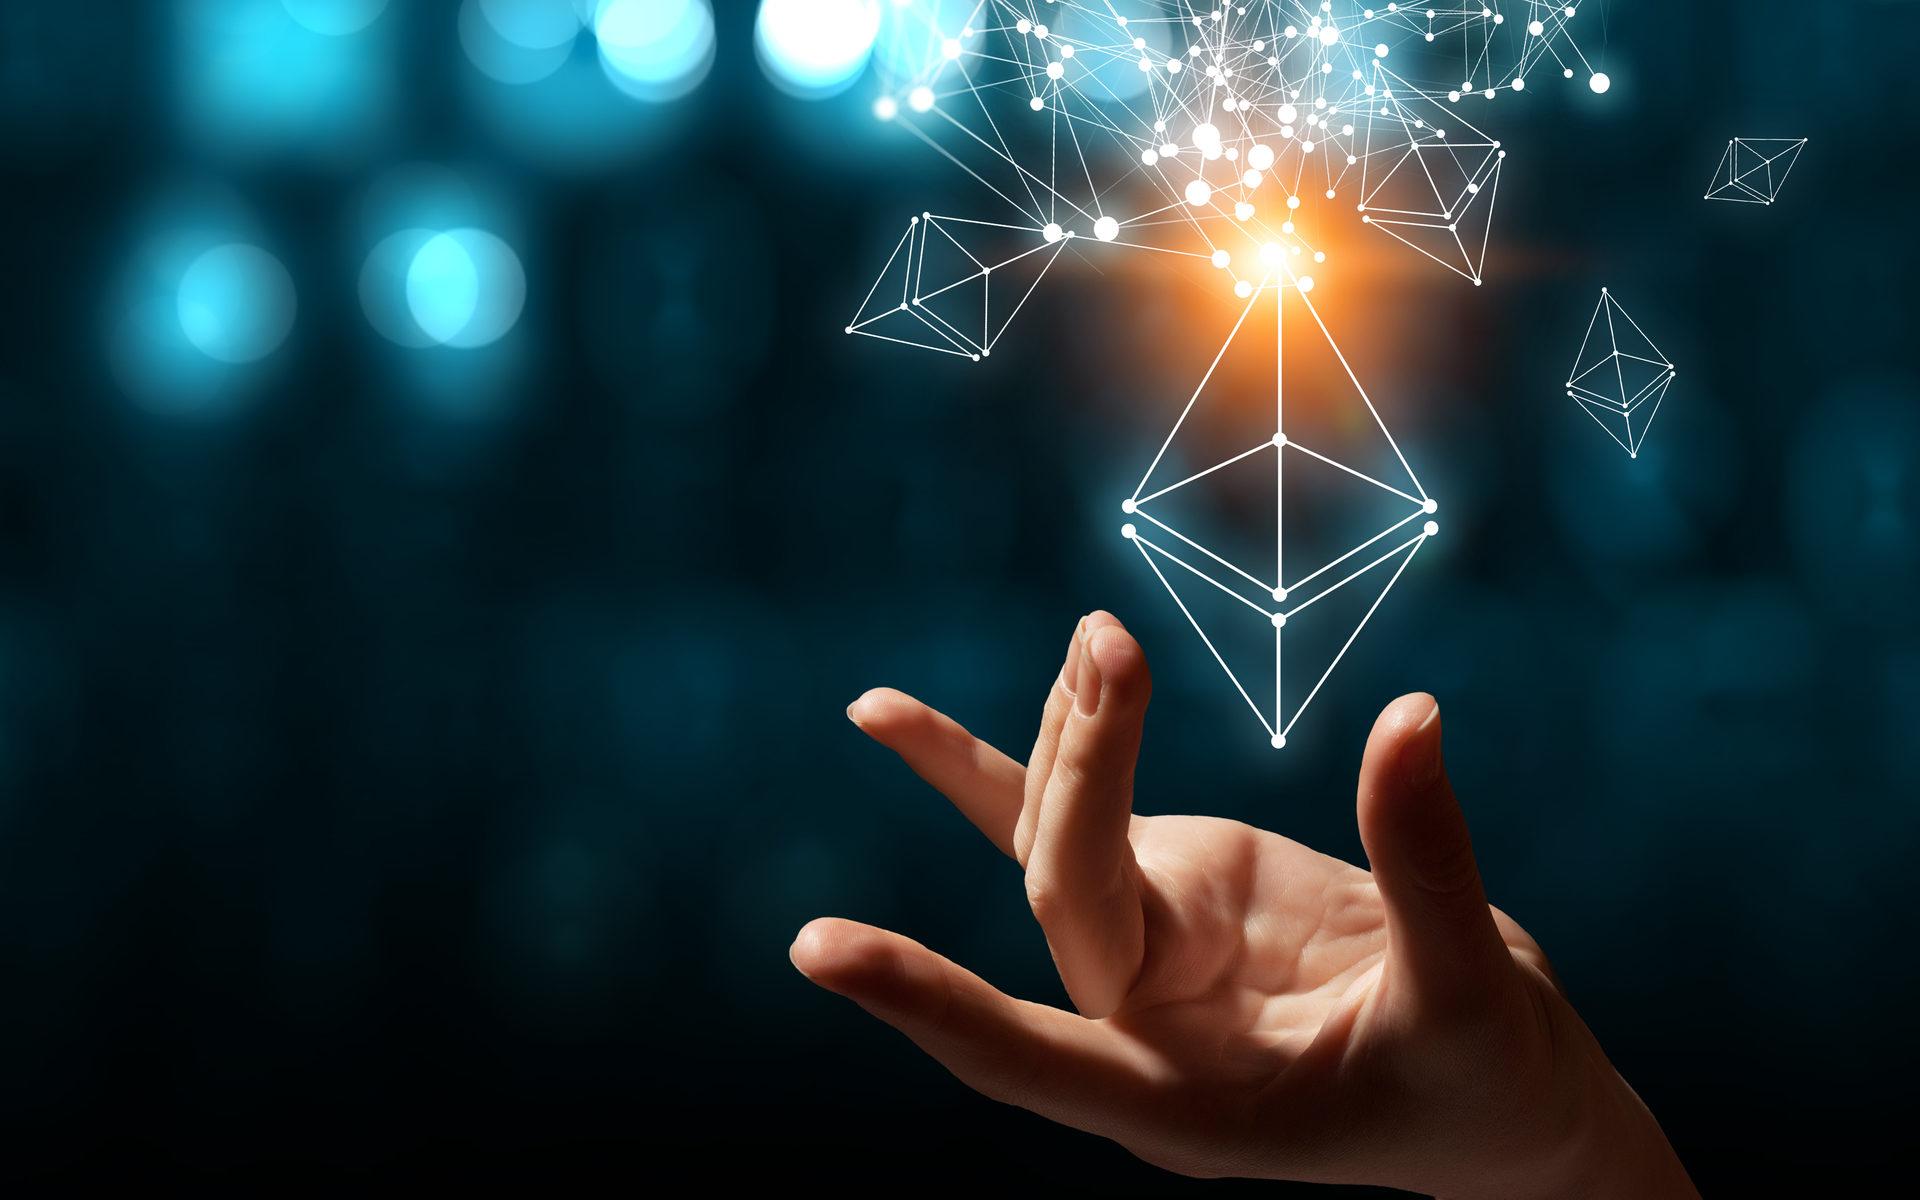 Обзор криптовалюты Эфириум и прогноз на 2021 год